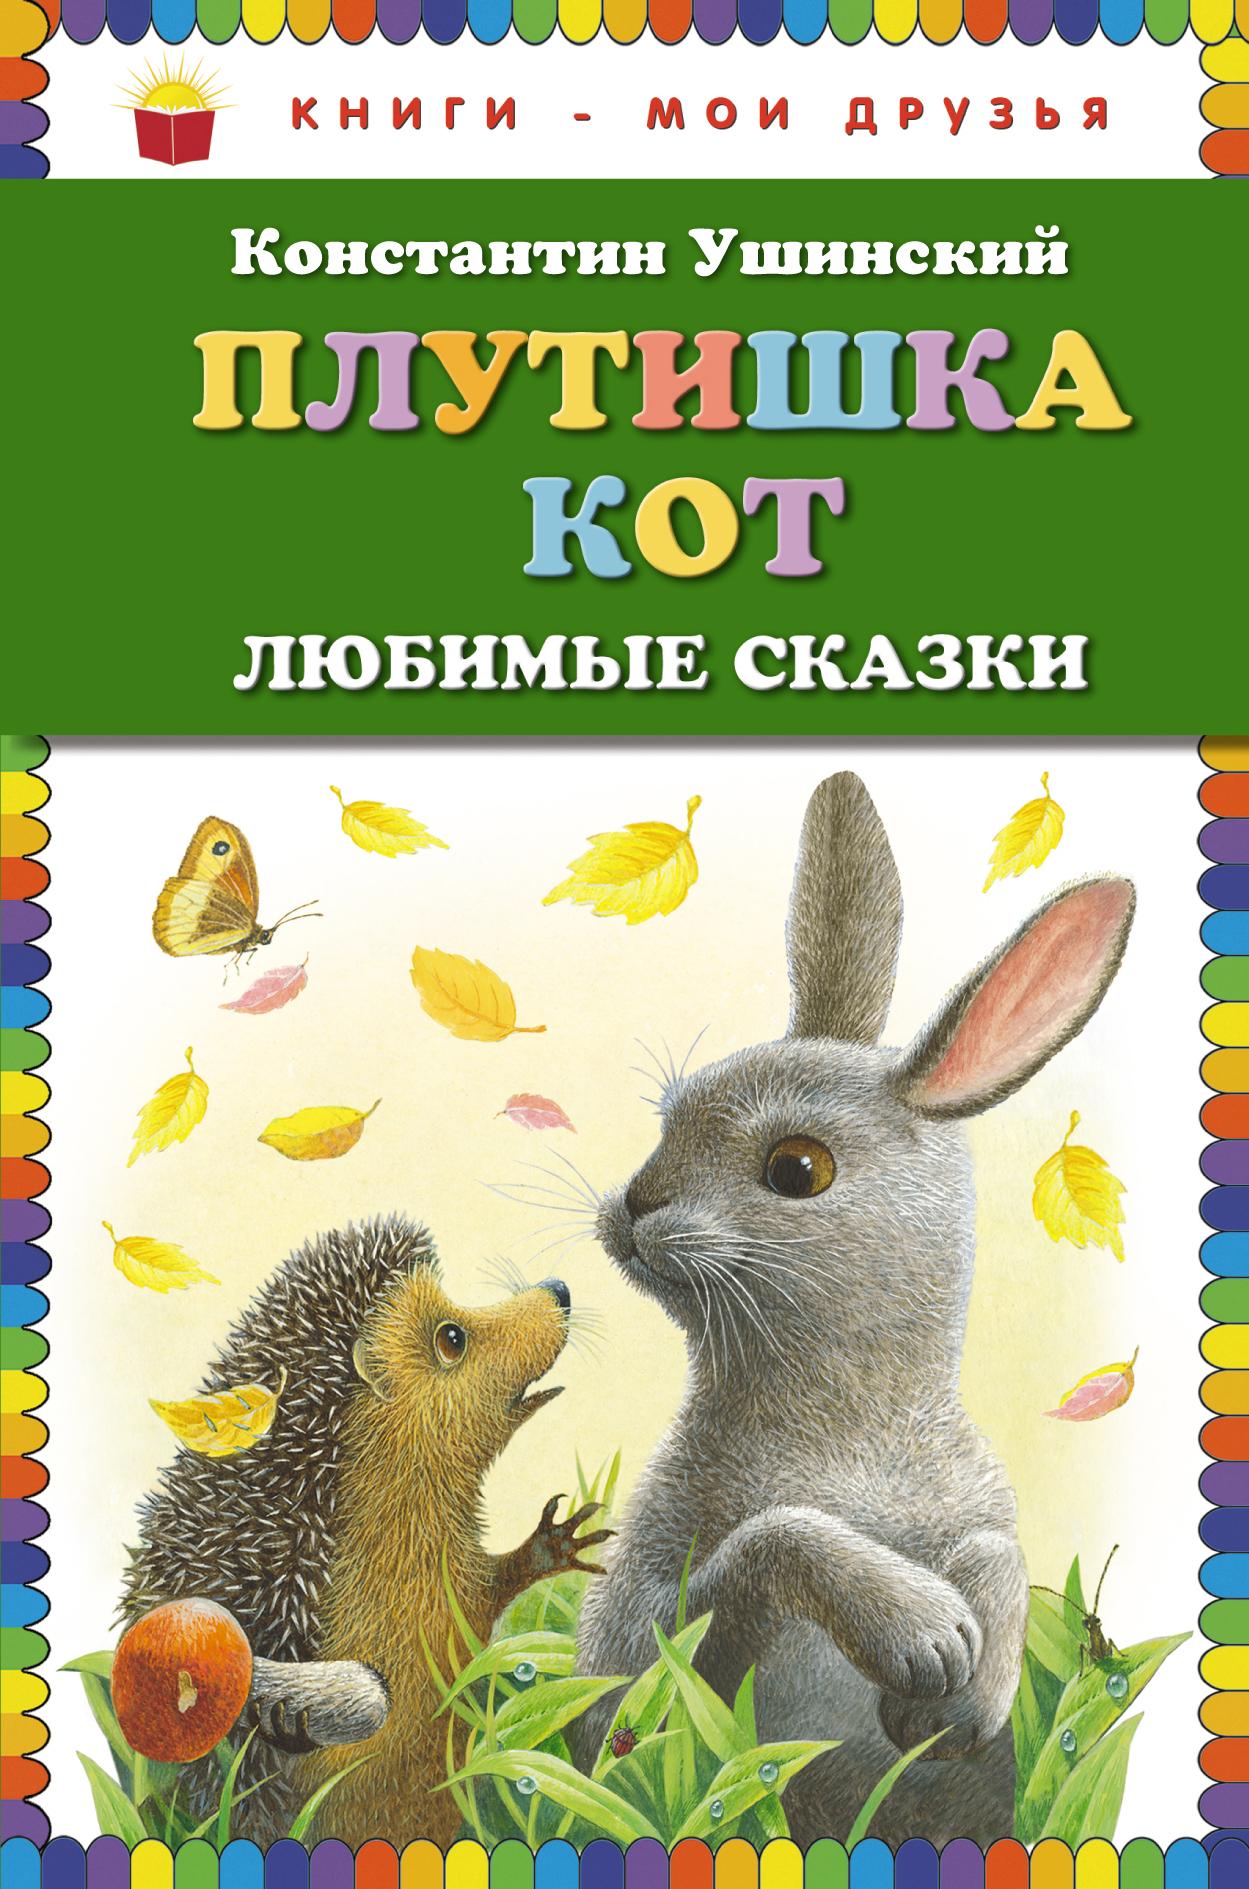 Плутишка кот: любимые сказки (ст. изд.)